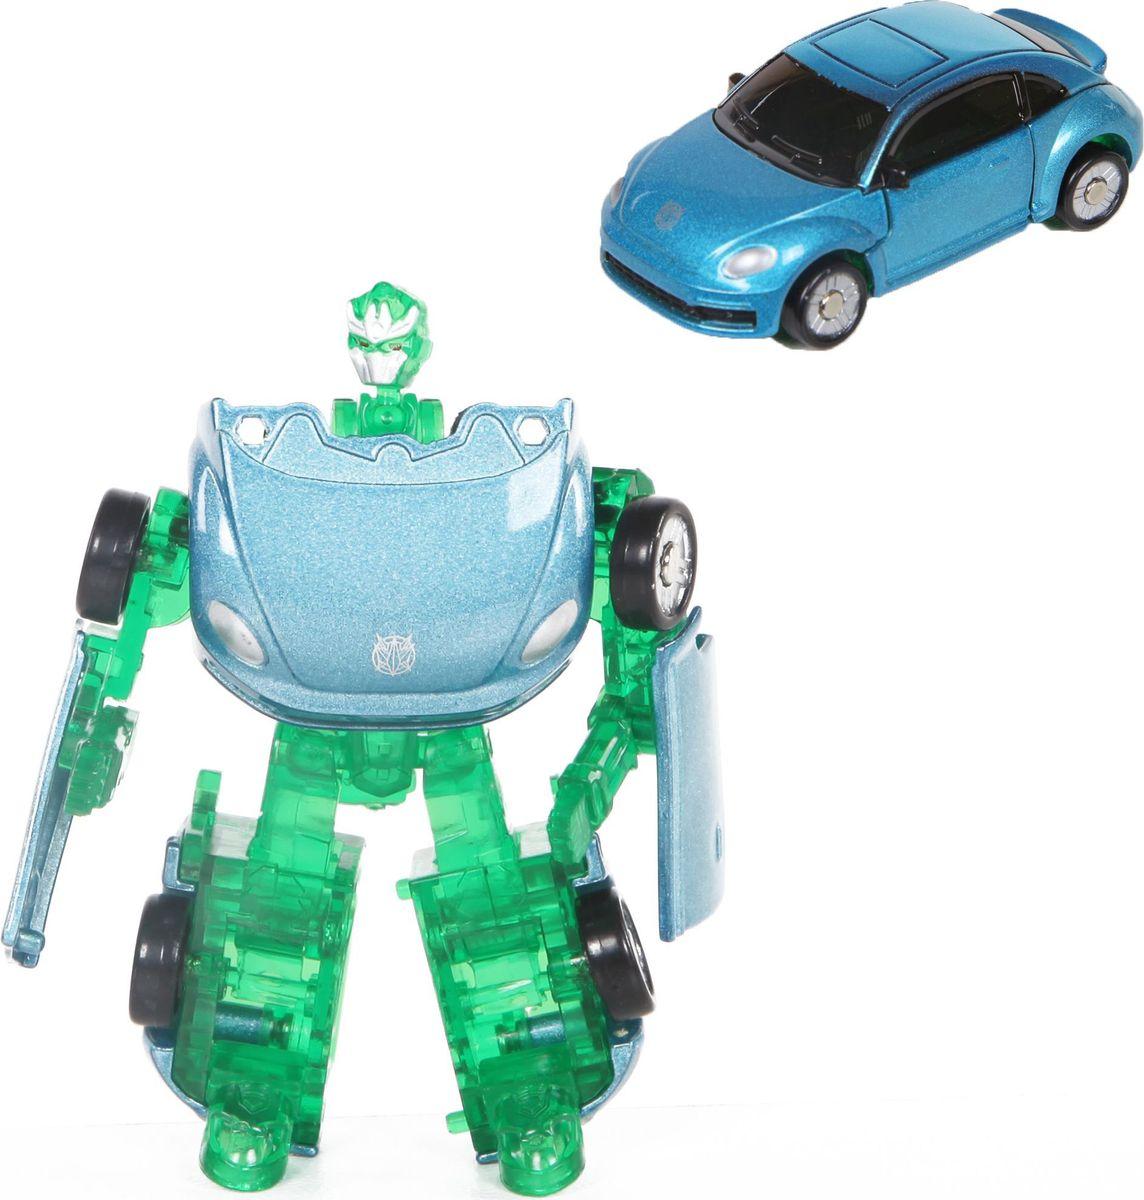 Yako Робот-трансформер цвет голубой зеленый Y3686144-1 интерактивные игрушки yako робот y2055209